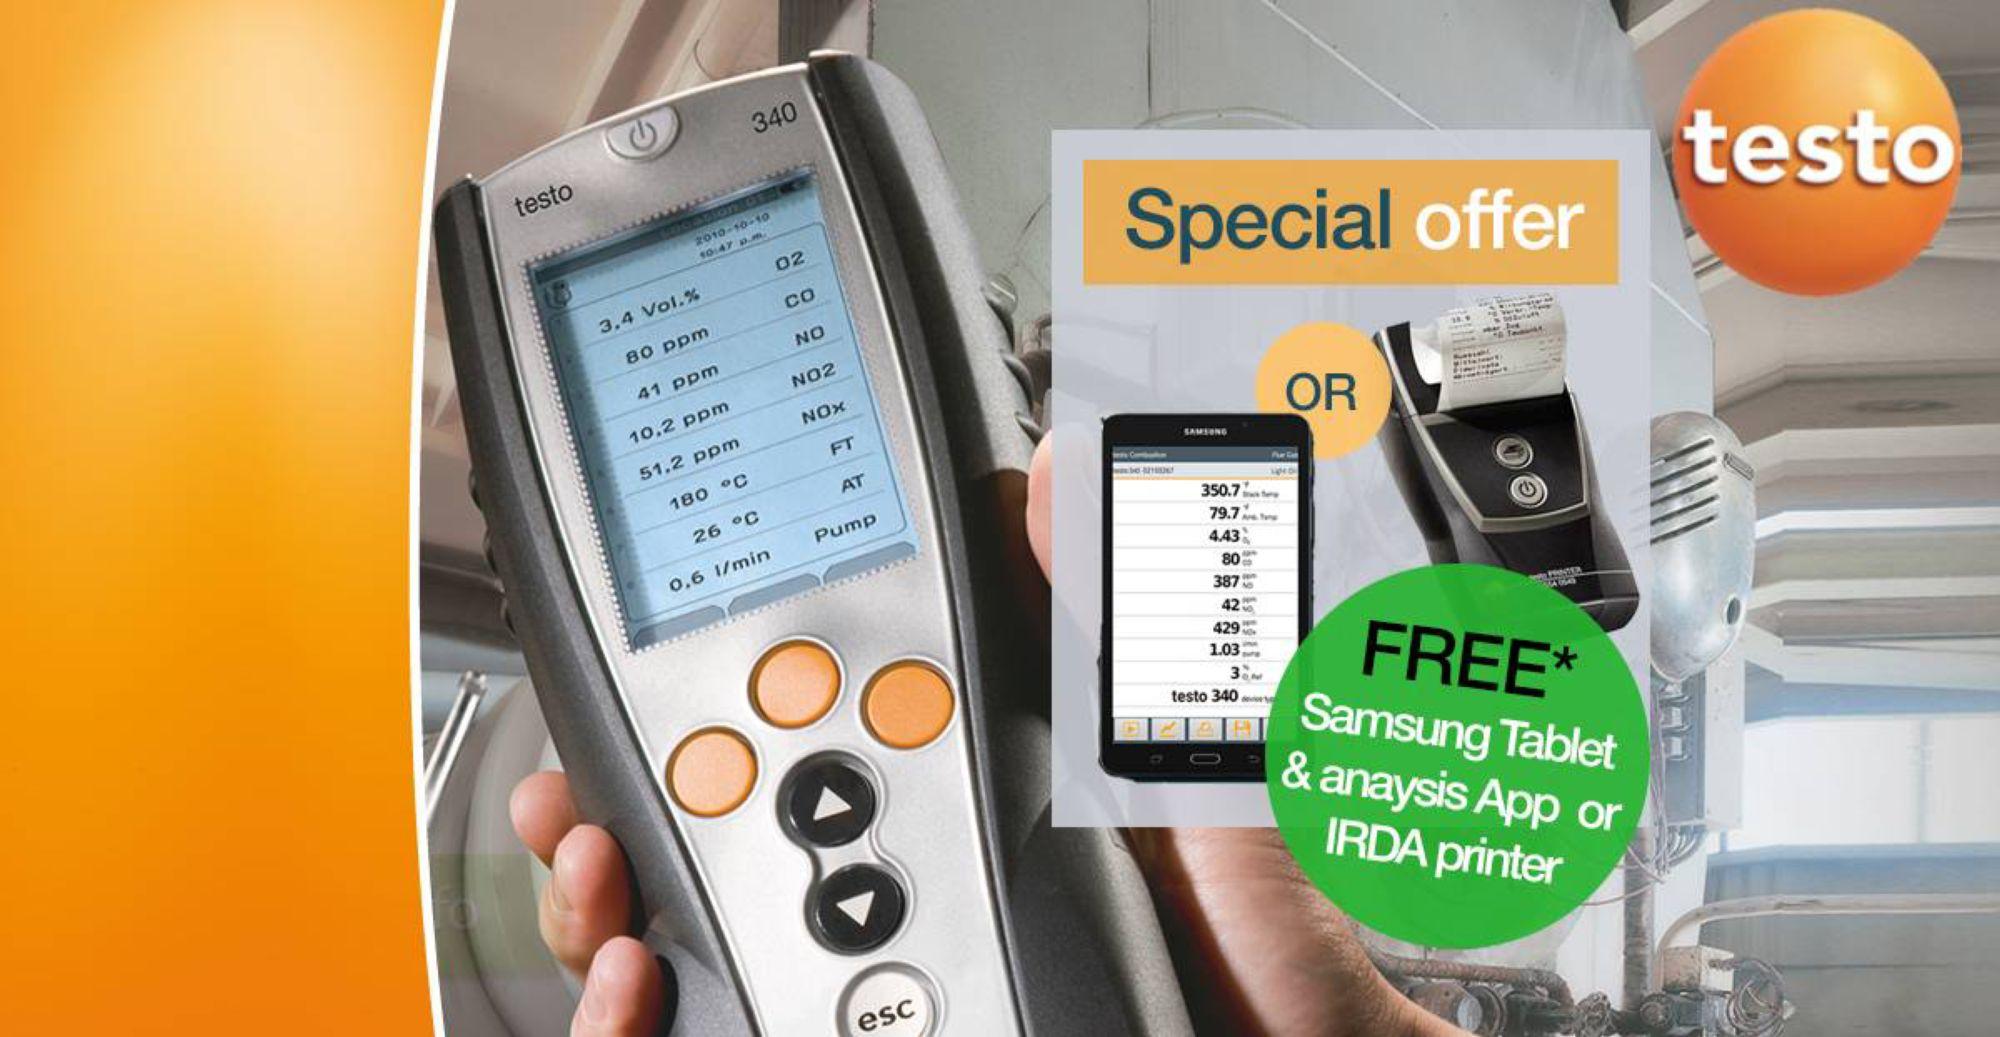 testo-340-Tablet-Promo-1200x628-SoMe.jpg